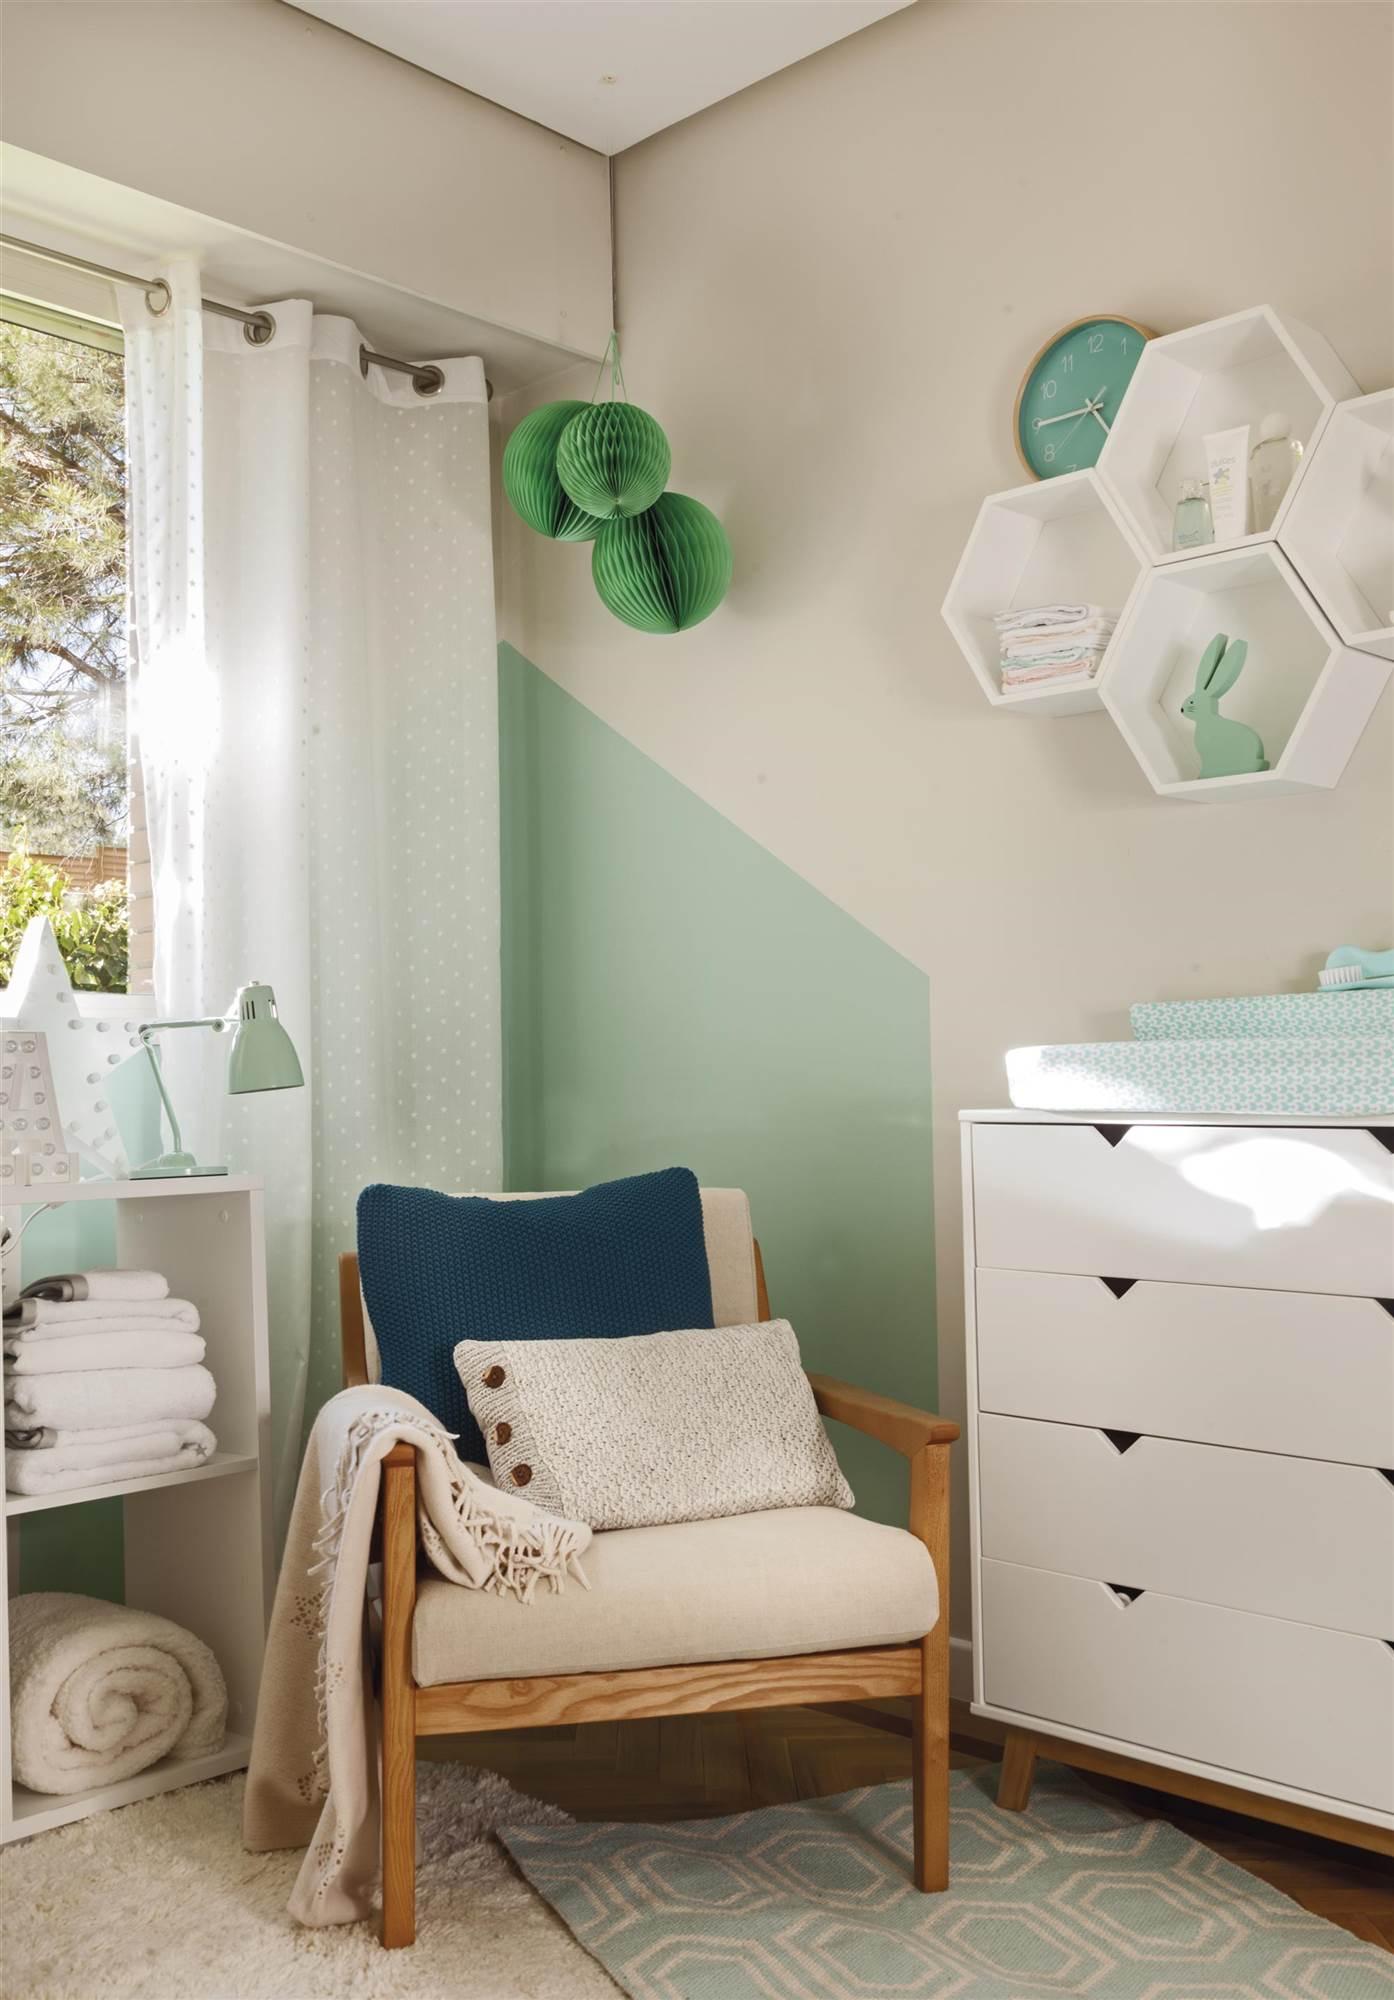 Butacas para dormitorio dormitorio infantil con cuna cambiador y butaca de fibras with butacas - Butacas para dormitorios ...